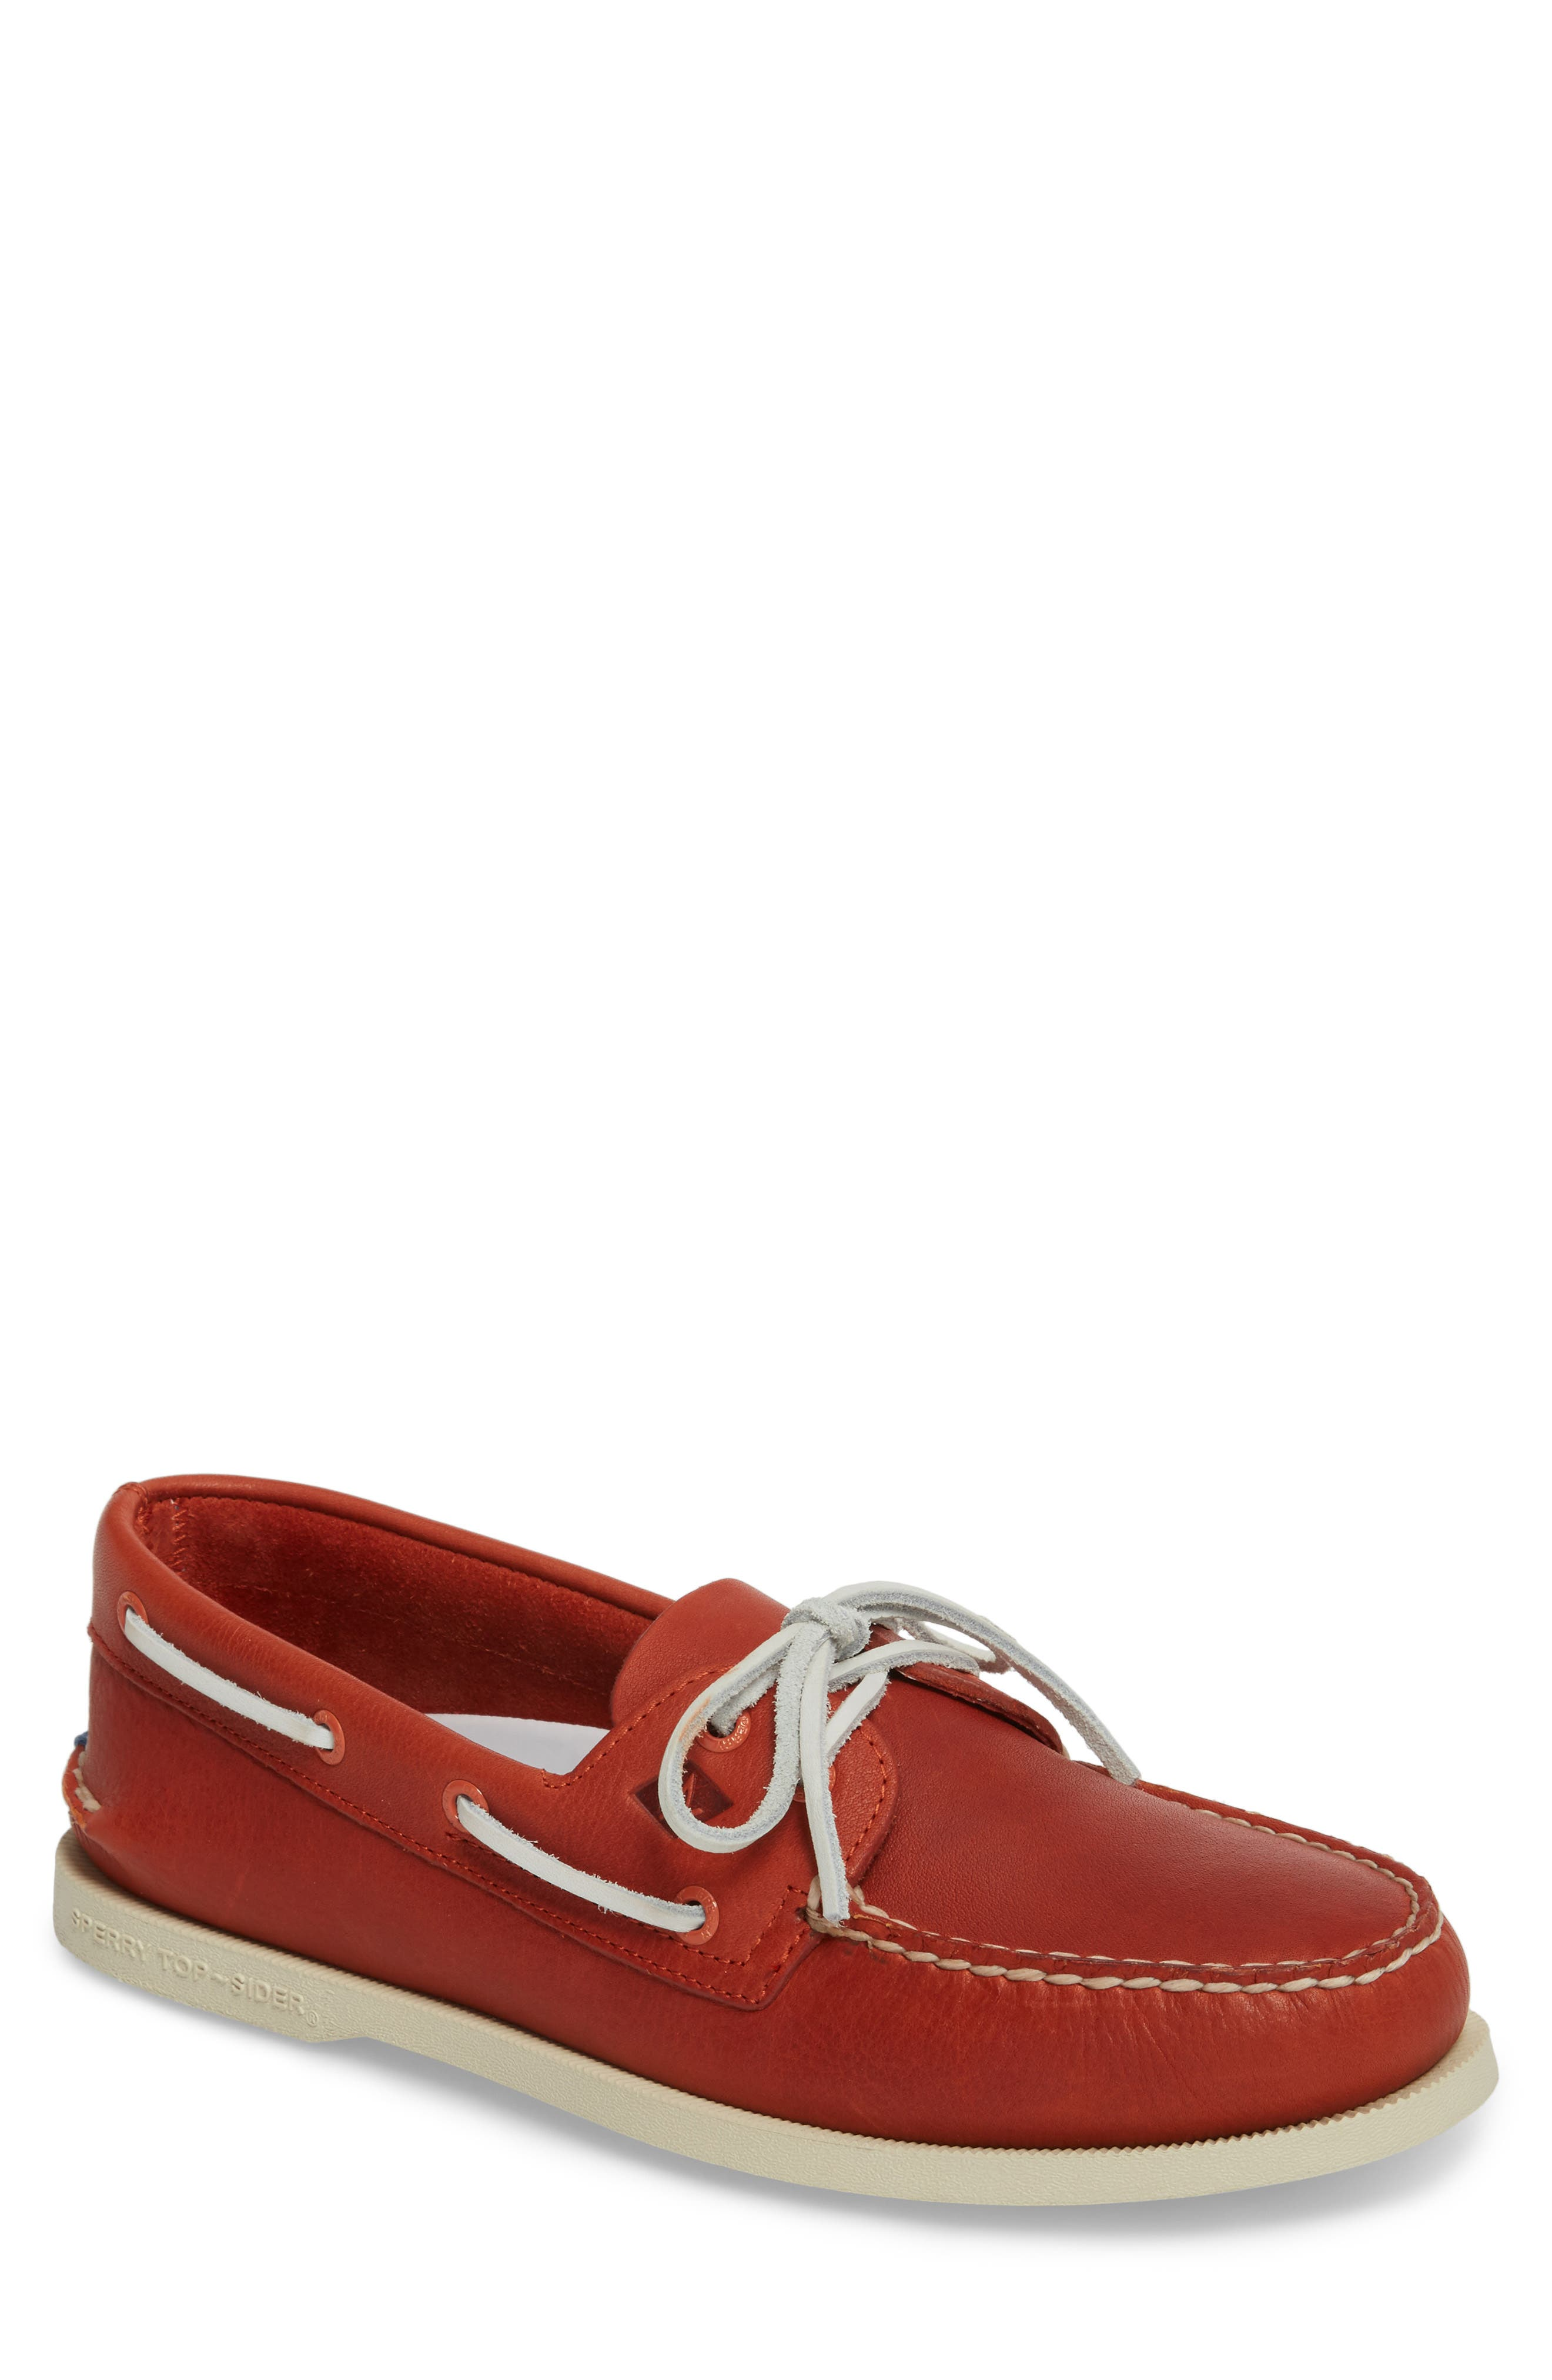 Alternate Image 1 Selected - Sperry AO 2 Eye Daytona Boat Shoe (Men)